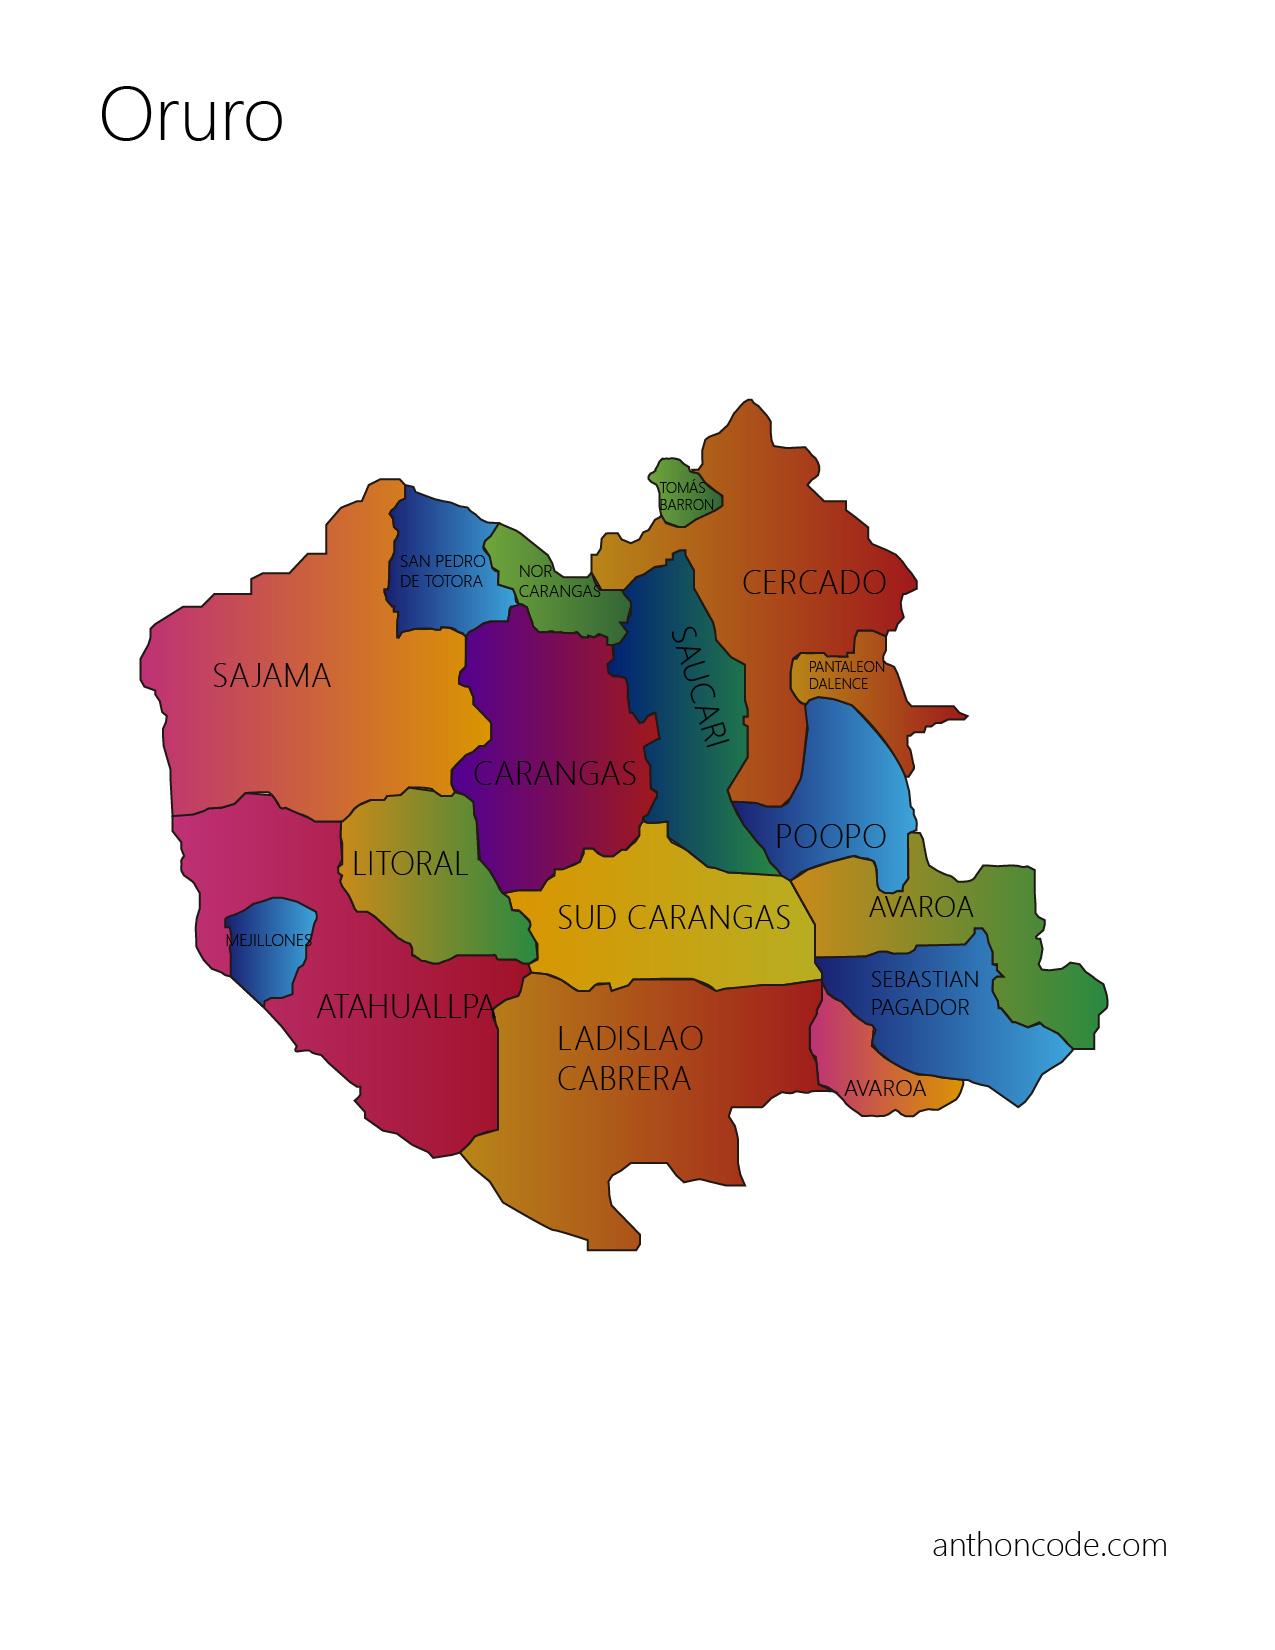 Mapa de Oruro y Provincias para pintar